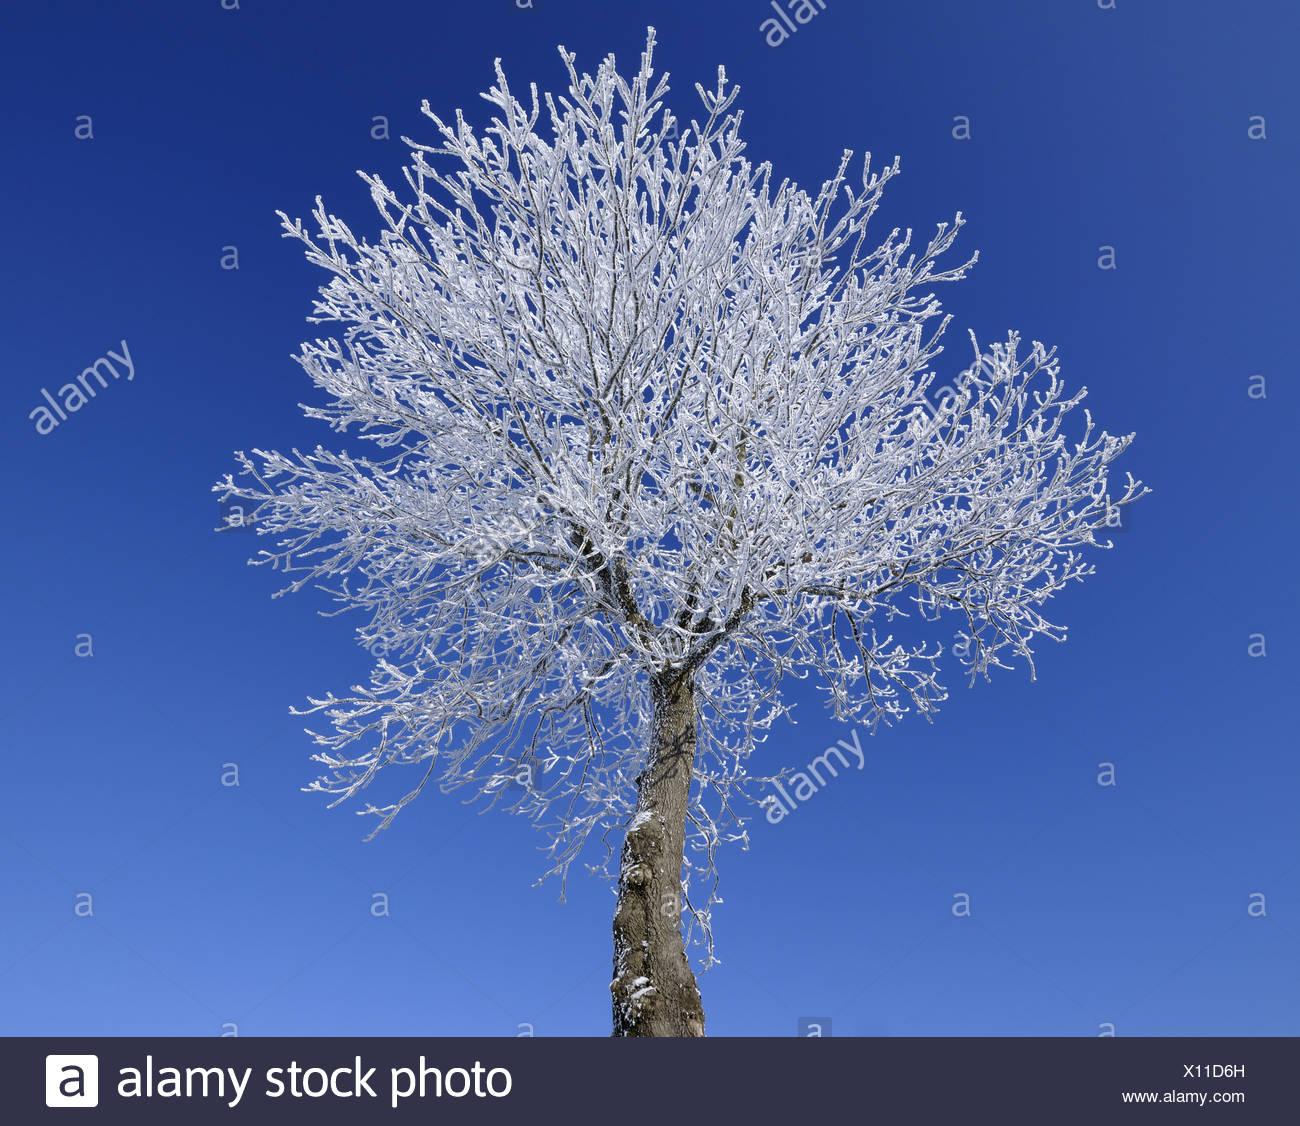 singel tree with hoar frost and blue sky, Germany, Hesse, Rhoen, Wasserkuppe - Stock Image